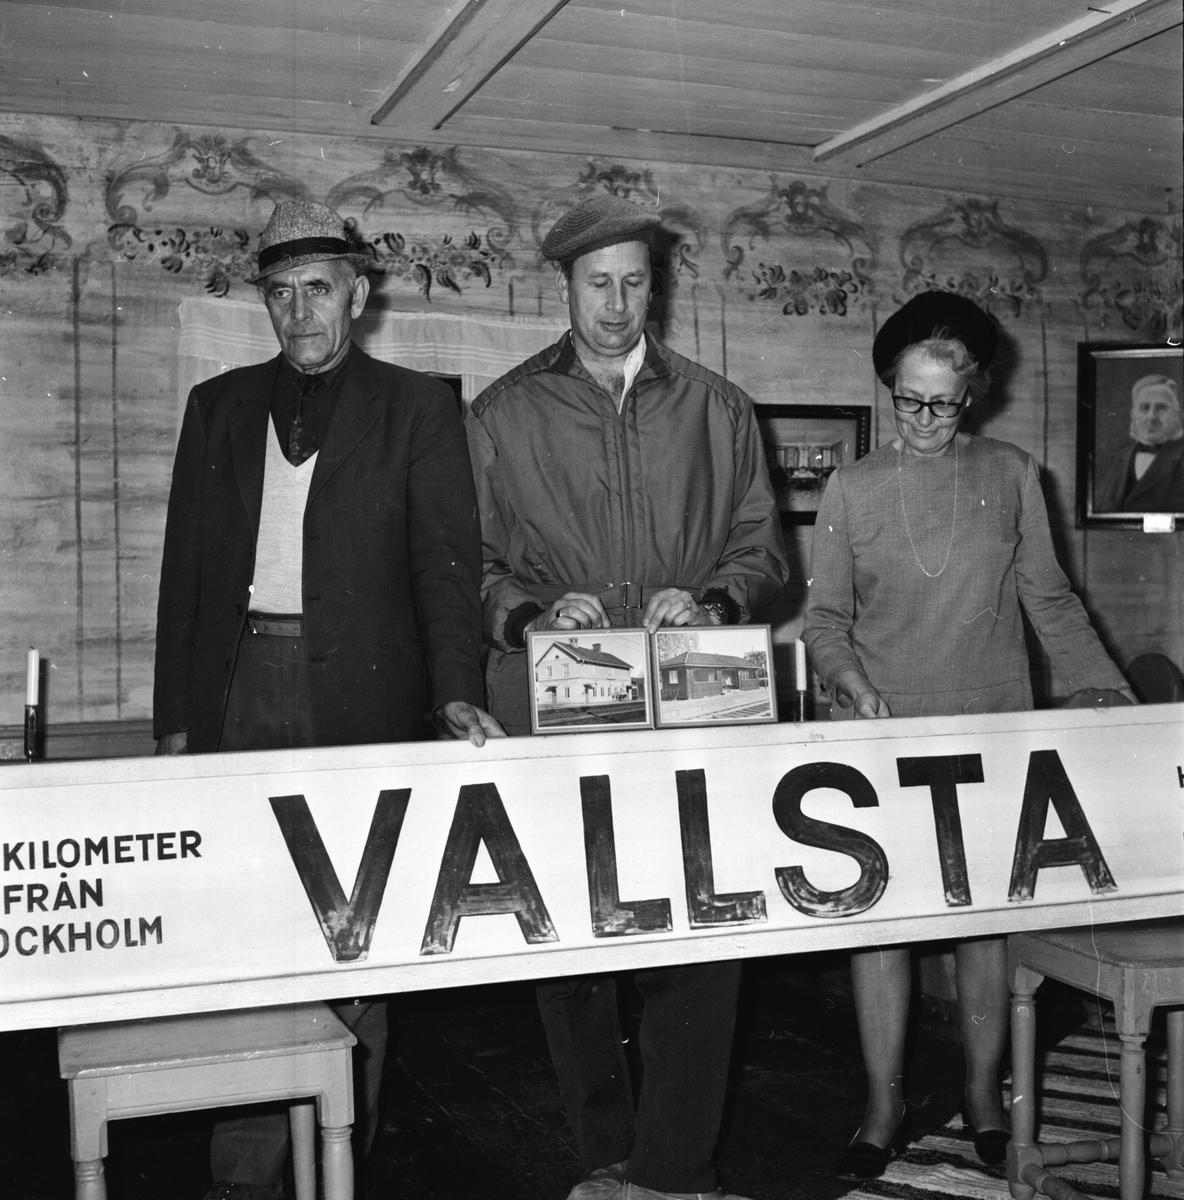 Arbrå, Stationsskylten i Vallsta till fornhemmet, Okt 1970